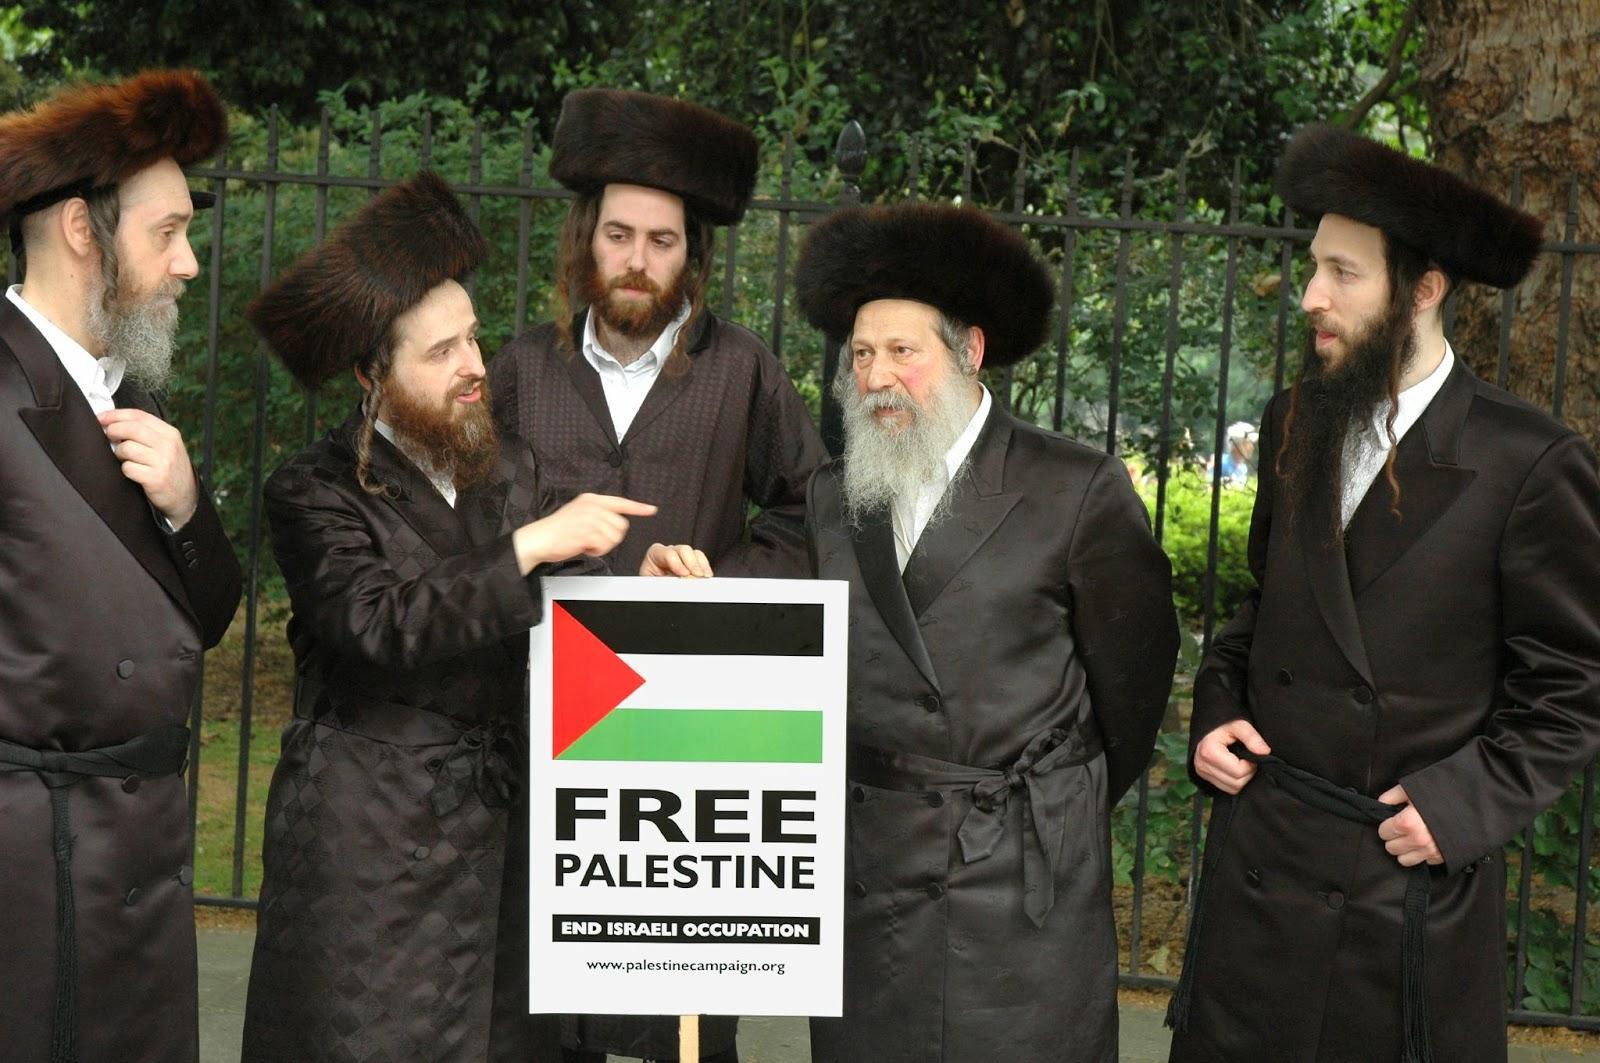 Members of Neturei Karta Orthodox Jewish group protest against Israel. (Wikipedia)